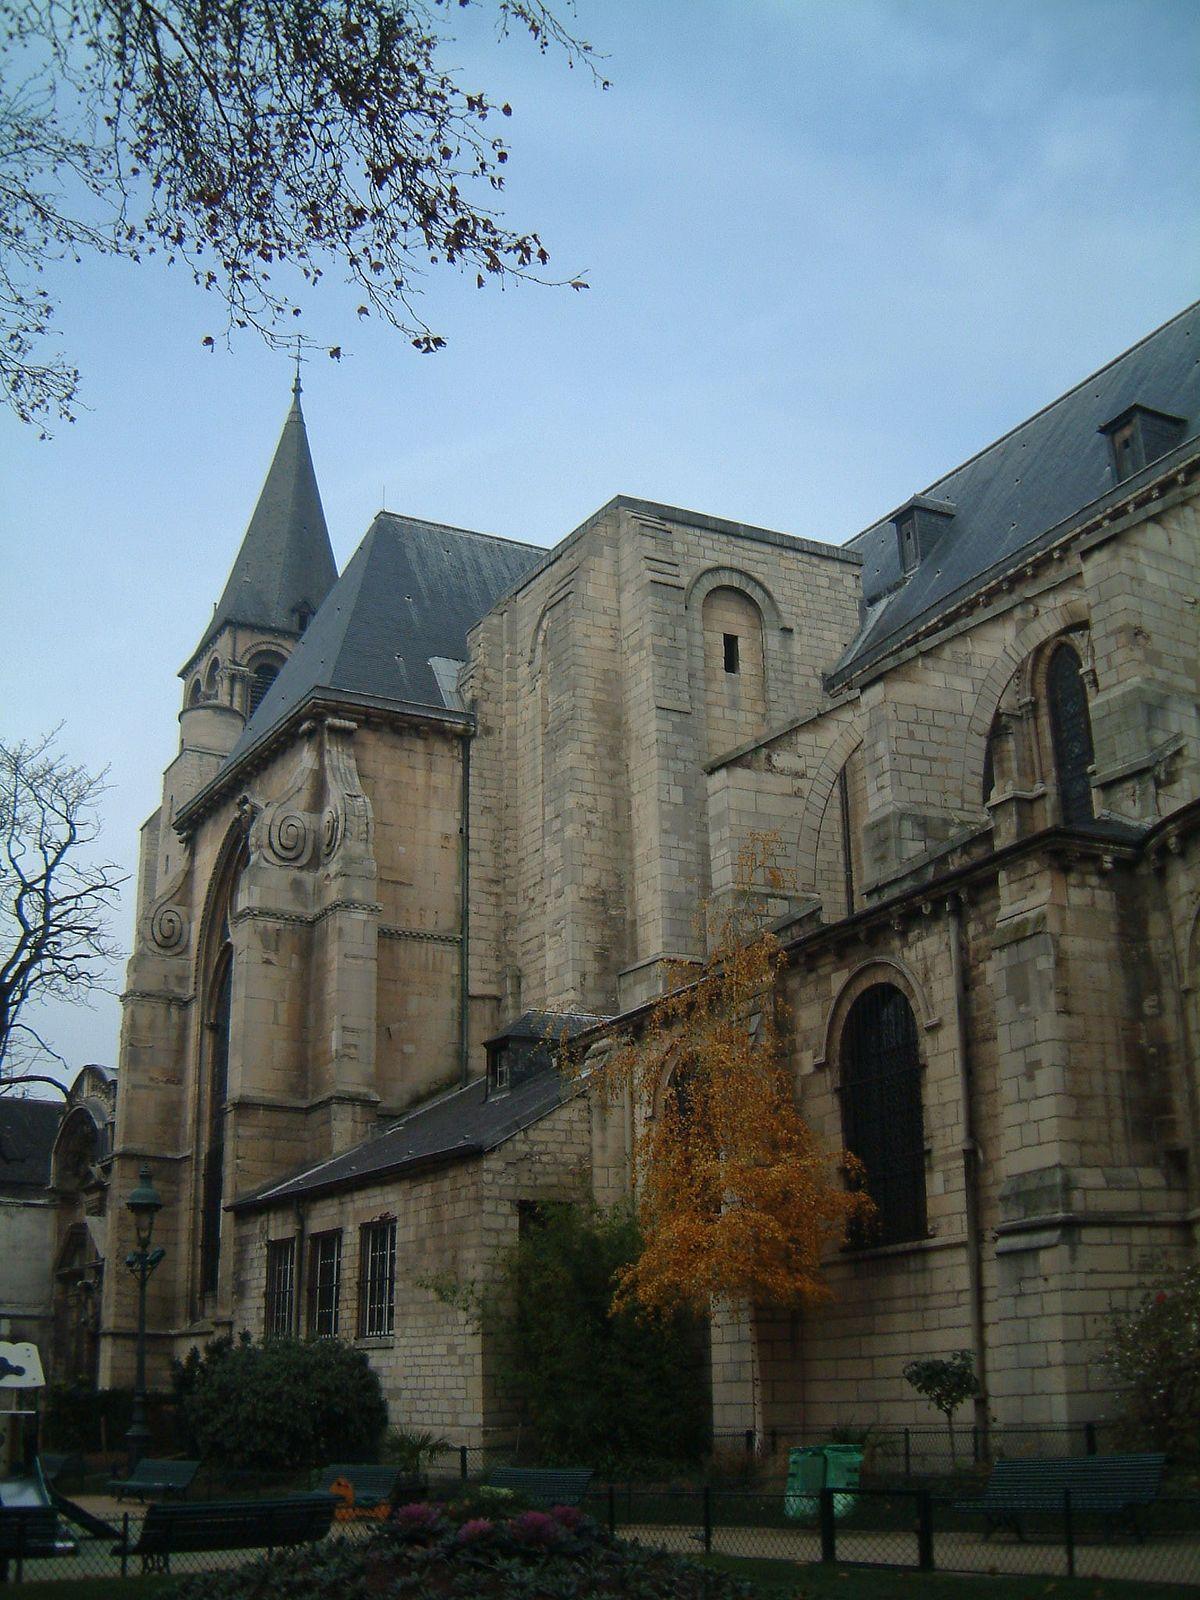 sofascore paris saint germain sofas chestnut street edinburgh abbey of des prés wikidata